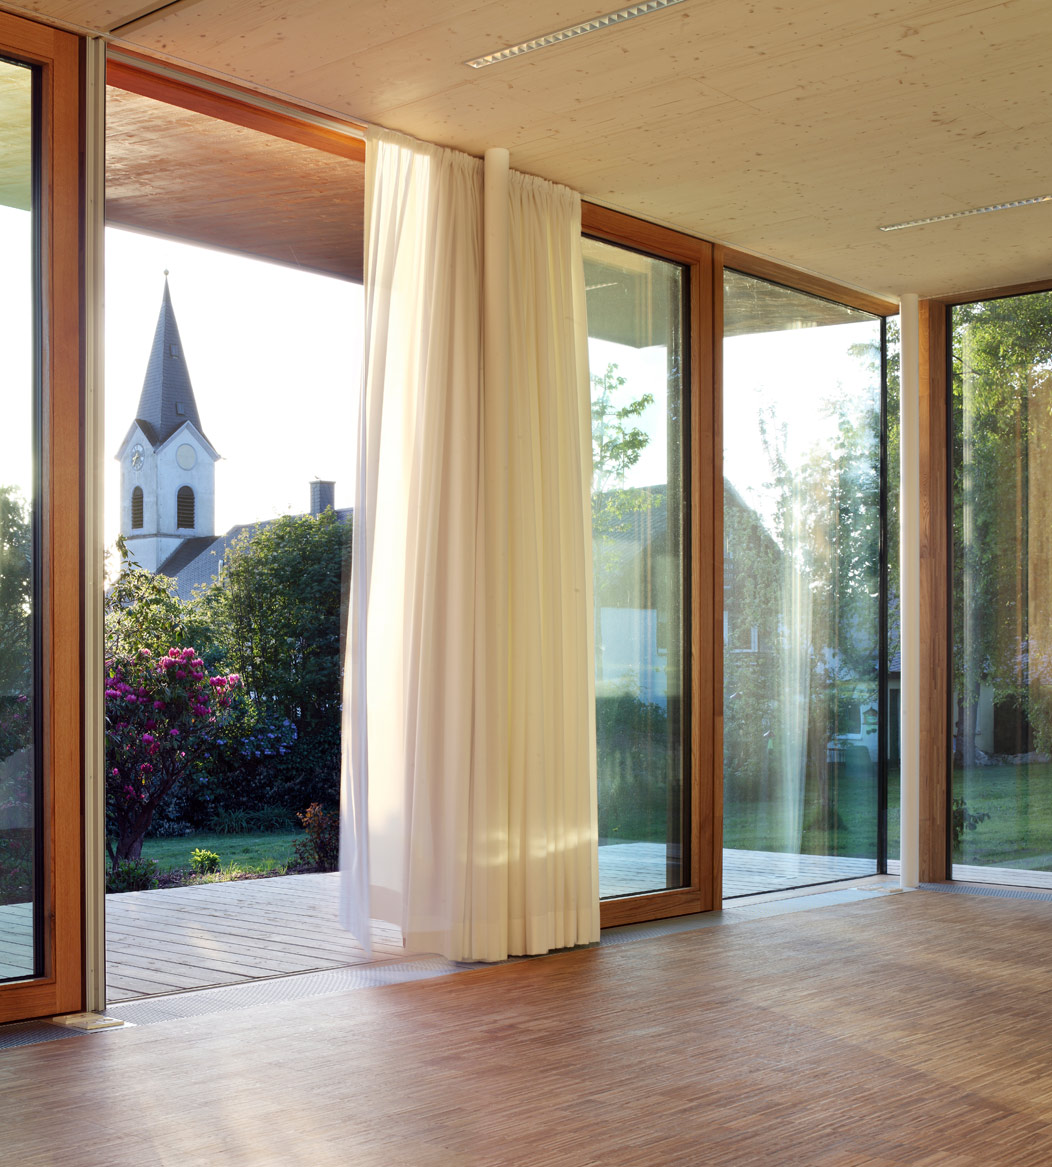 Architekten Stein Hemmes Wirtz Dietrich Bonhoeffer Haus